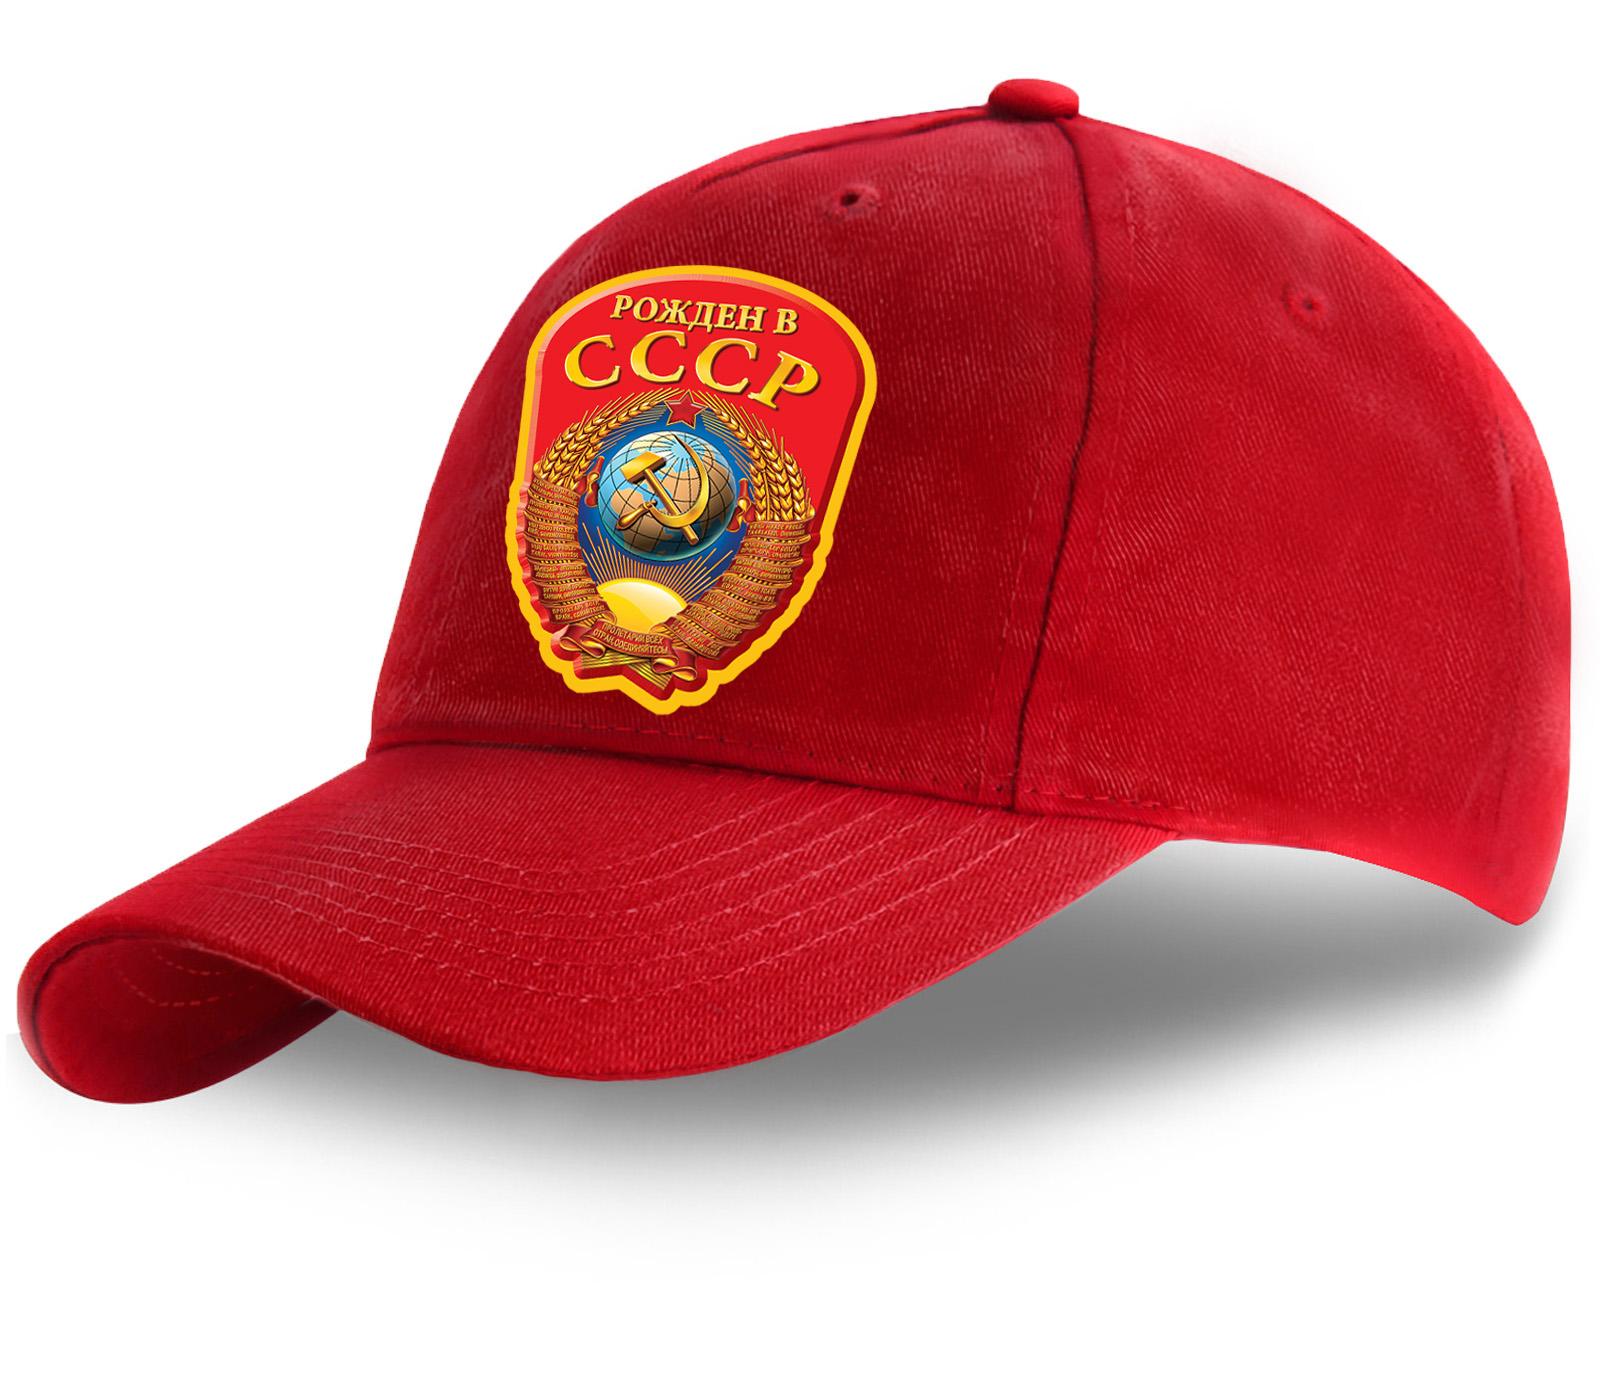 Красная кепка для рожденных в СССР купить оптом